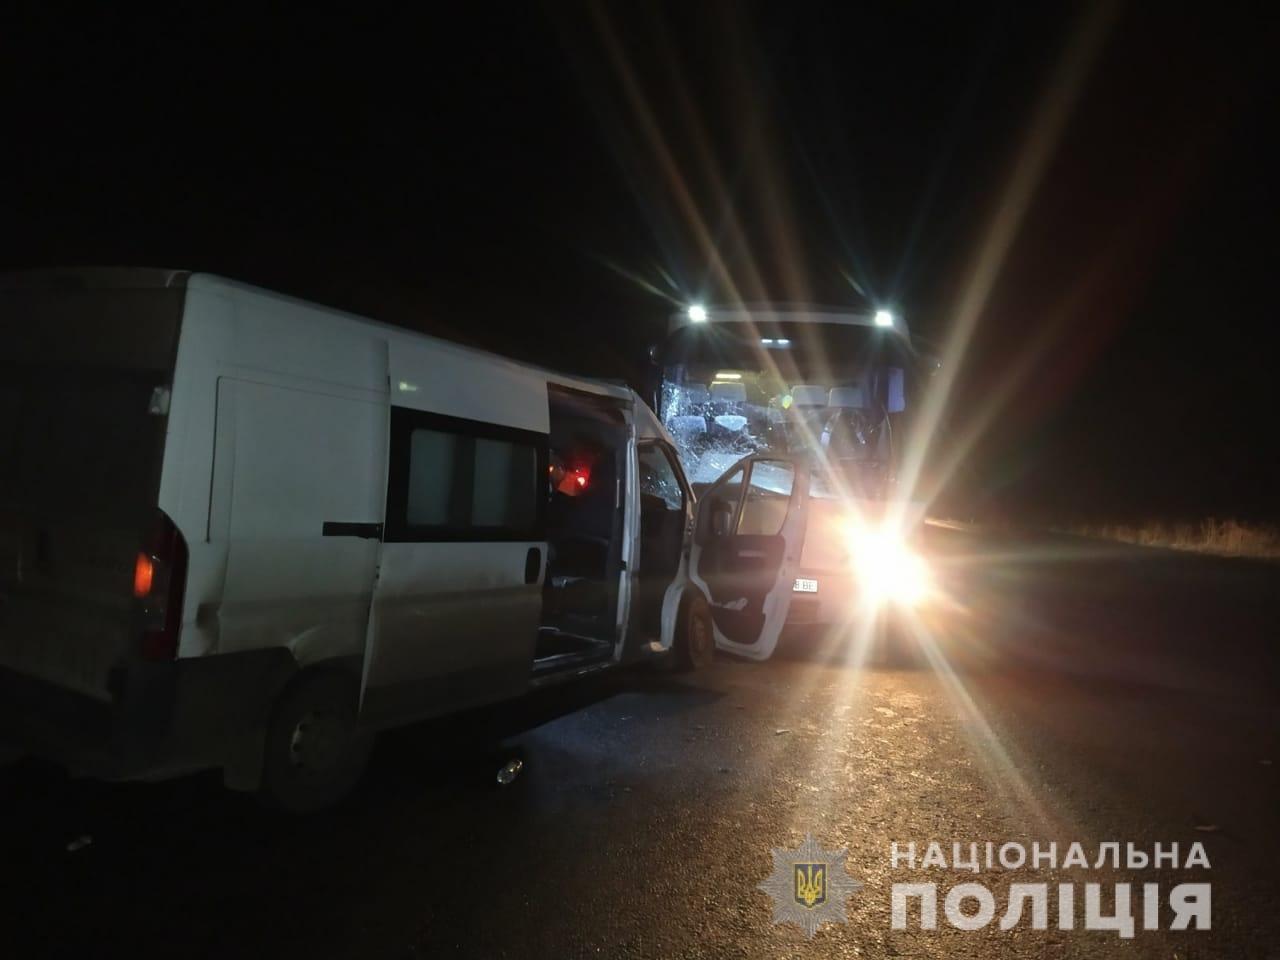 На Харьковщине микроавтобус «влетел» в рейсовый автобус: пять человек в больнице, - ФОТО, фото-4